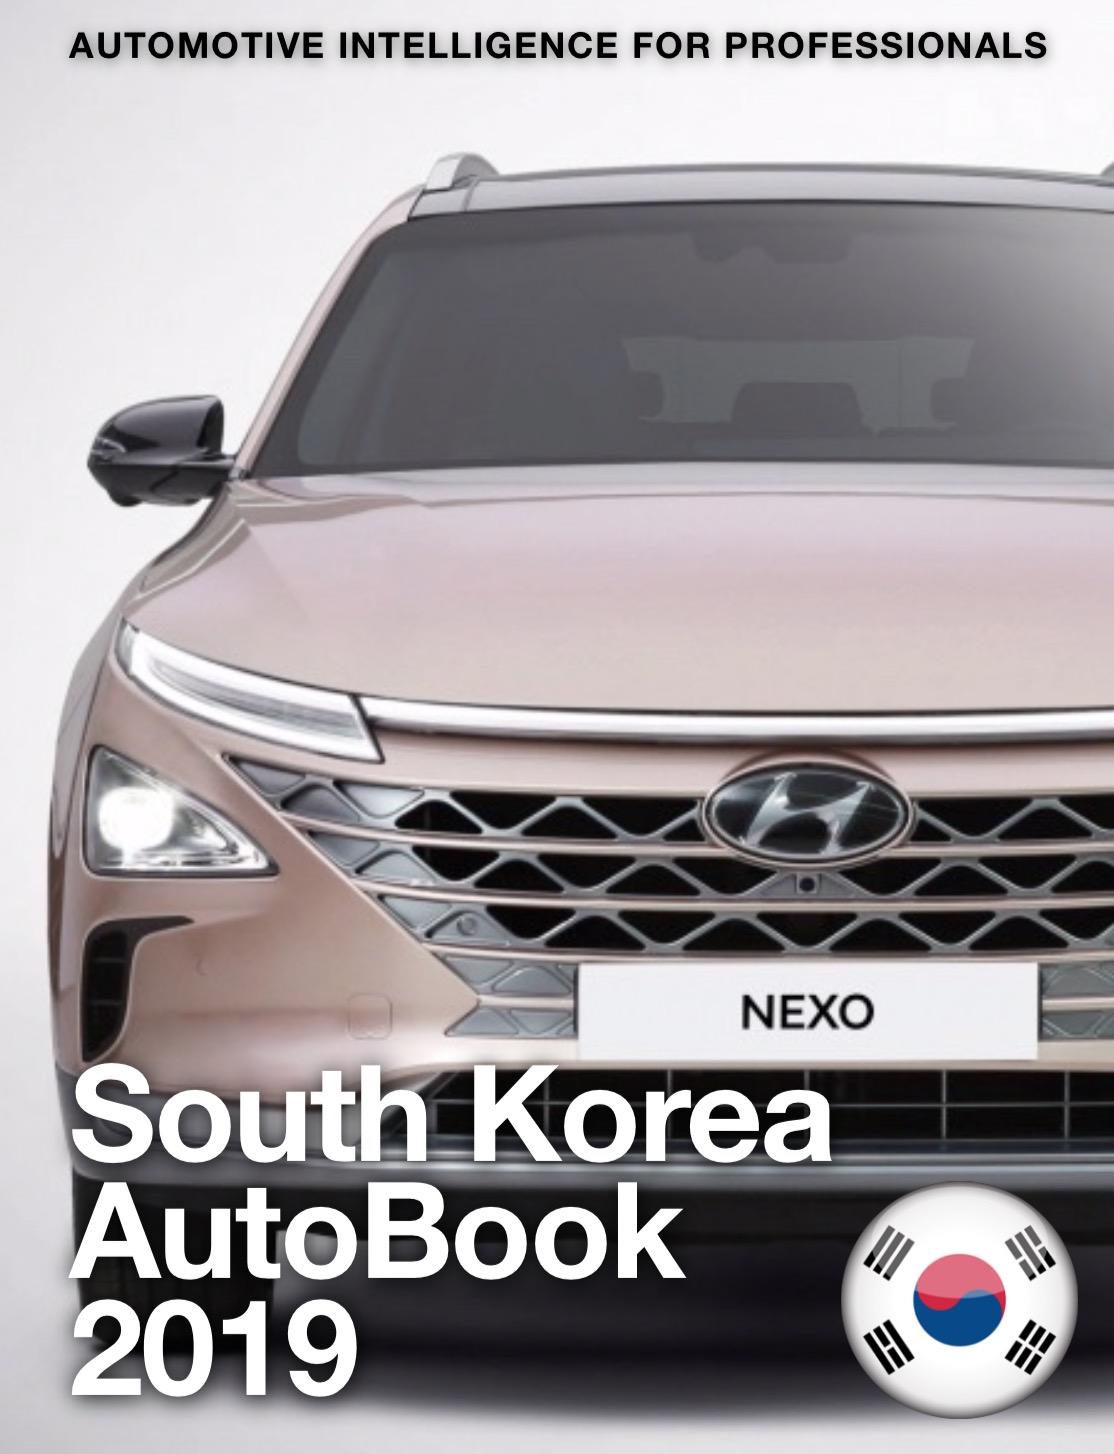 South Korea AutoBook 2019 Cover.jpg